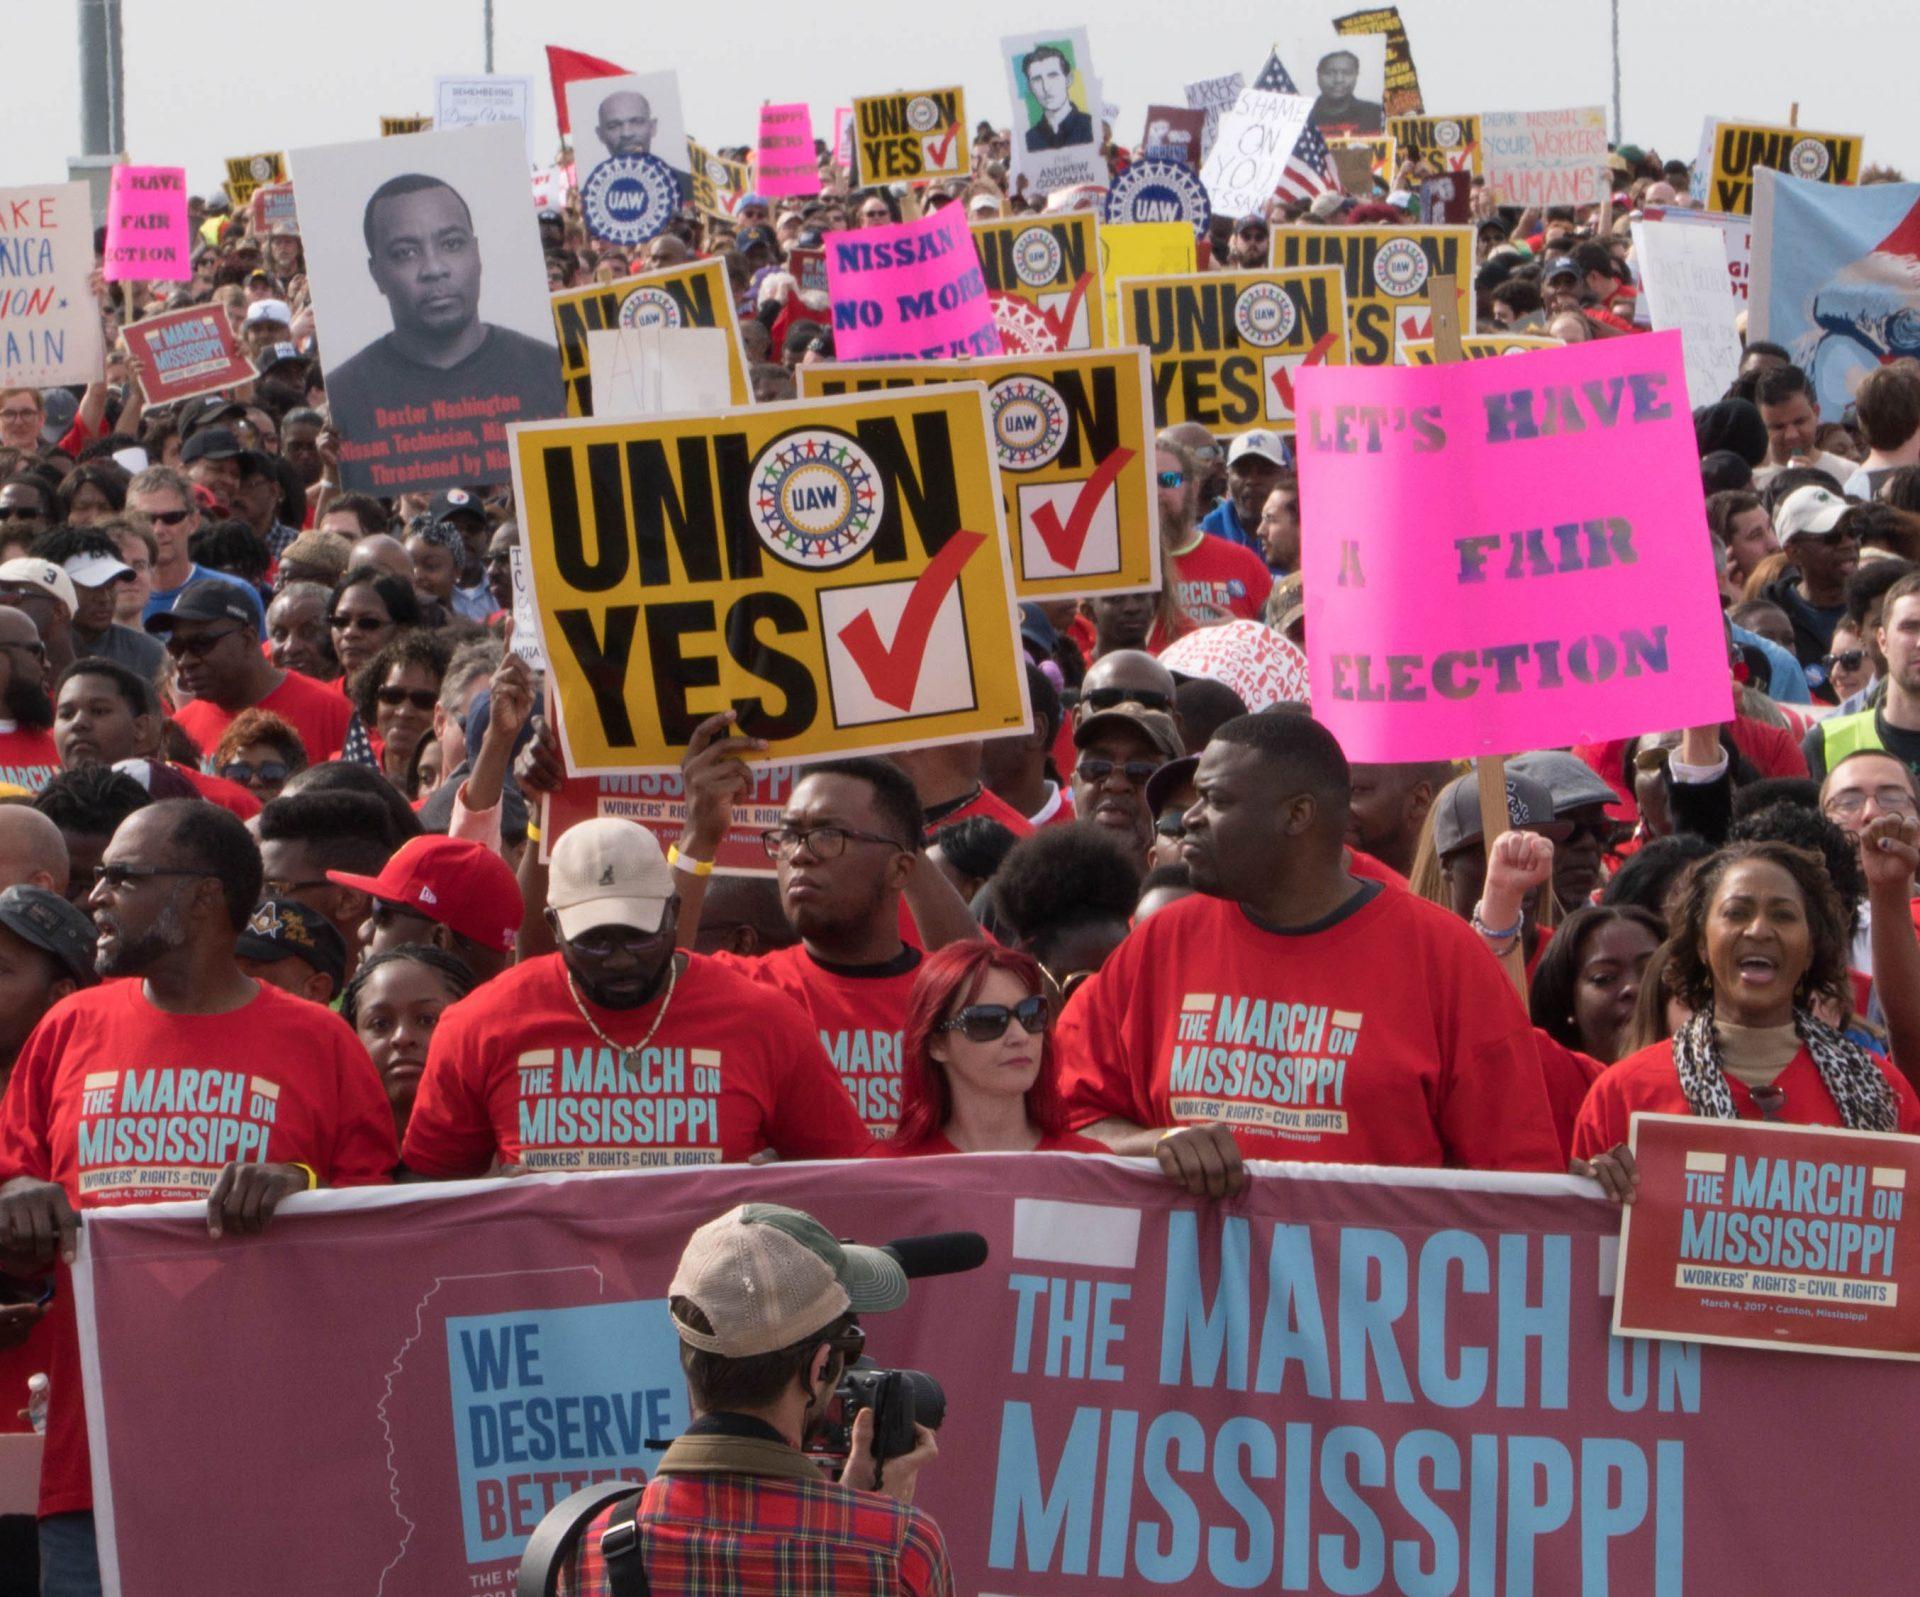 Manifestation pour l'autorisation d'un syndicat chez Nissan-Renault